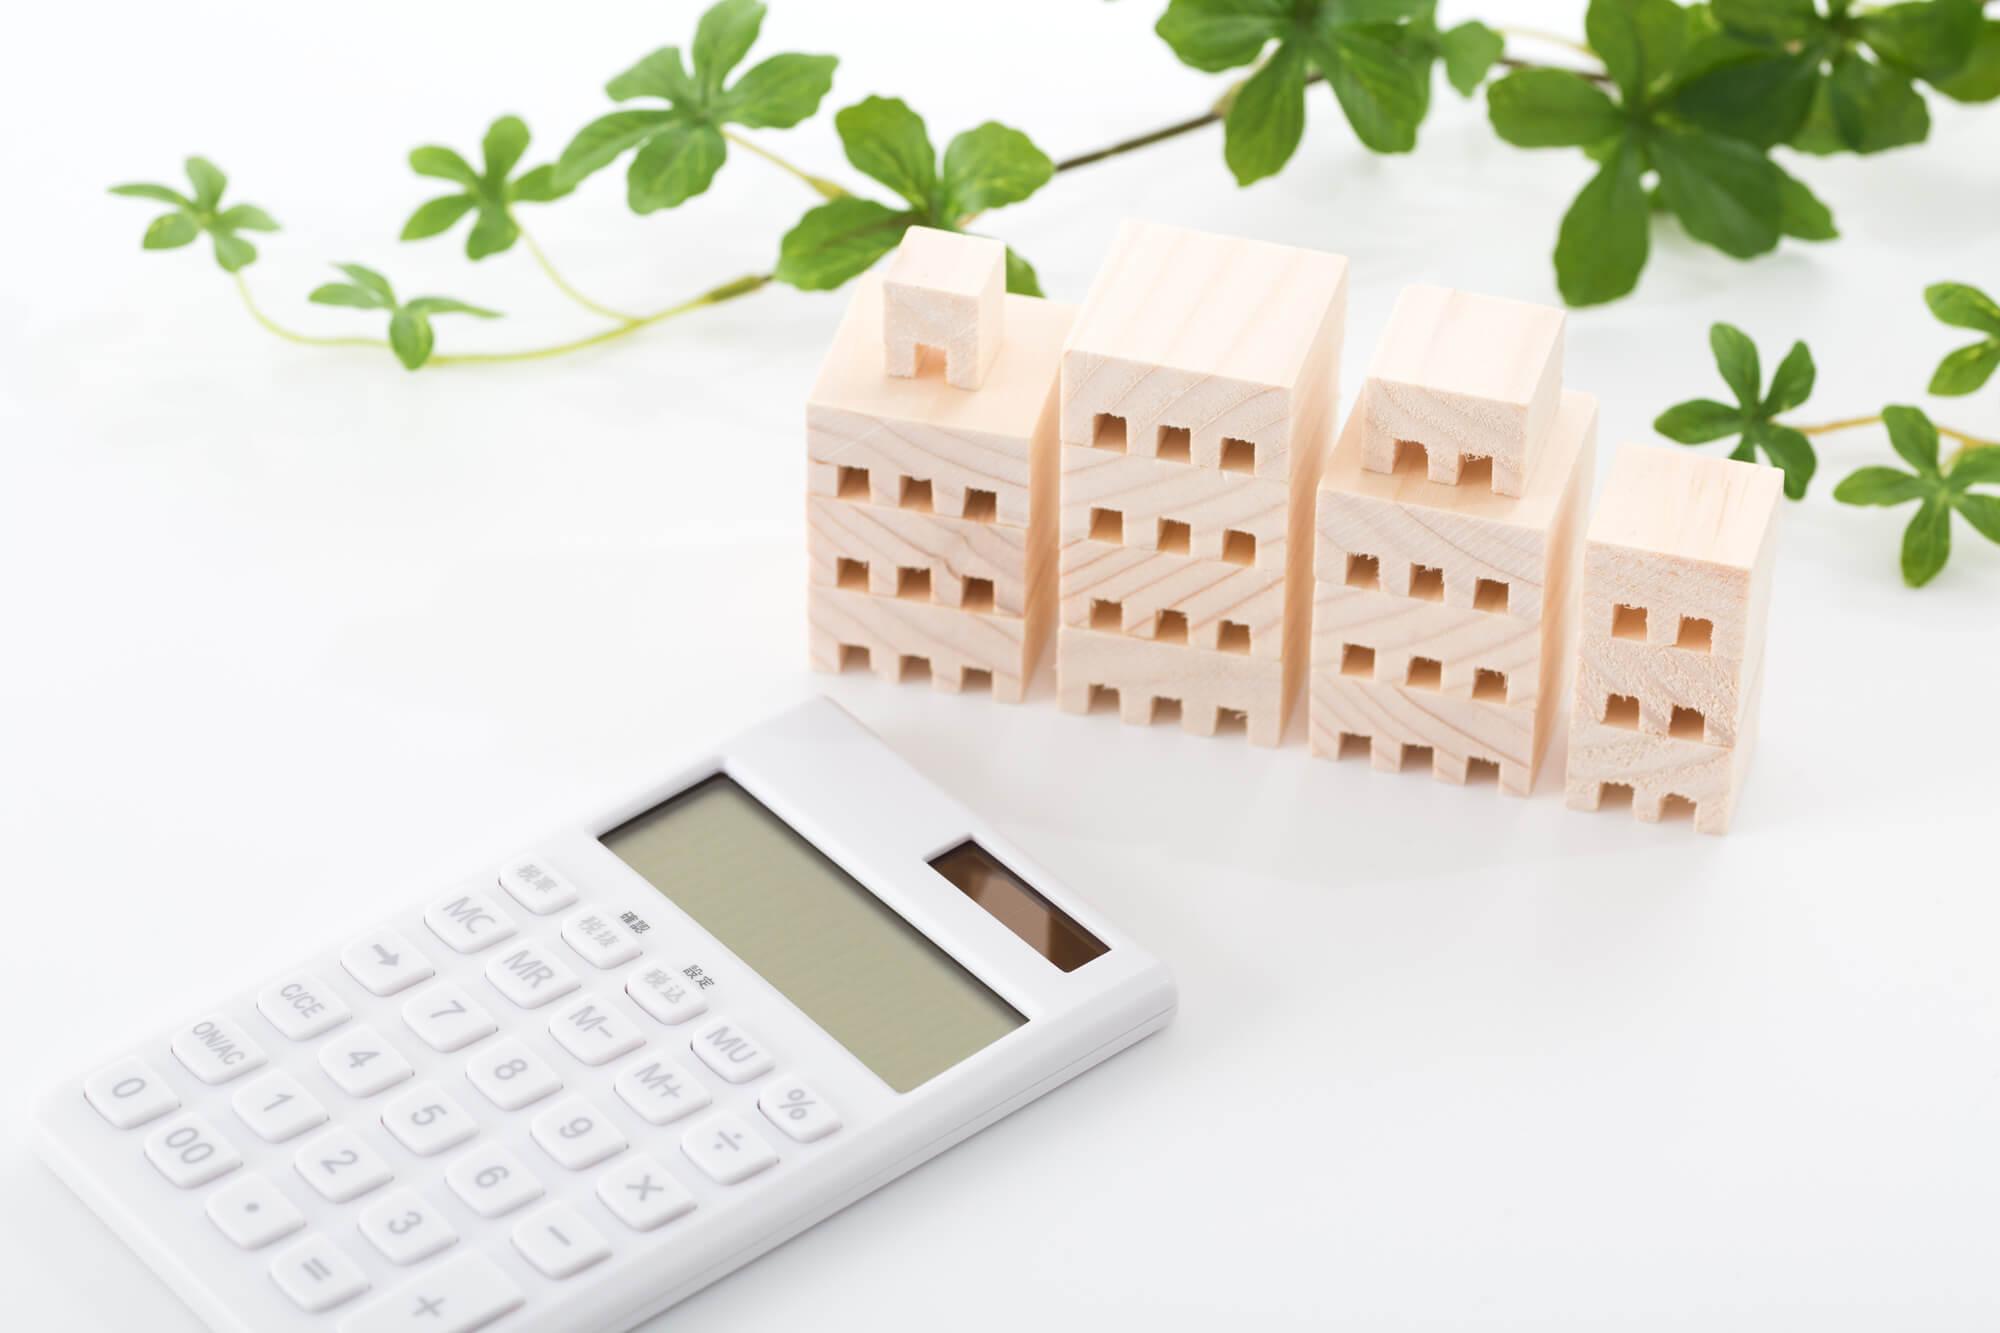 電卓とマンションの模型